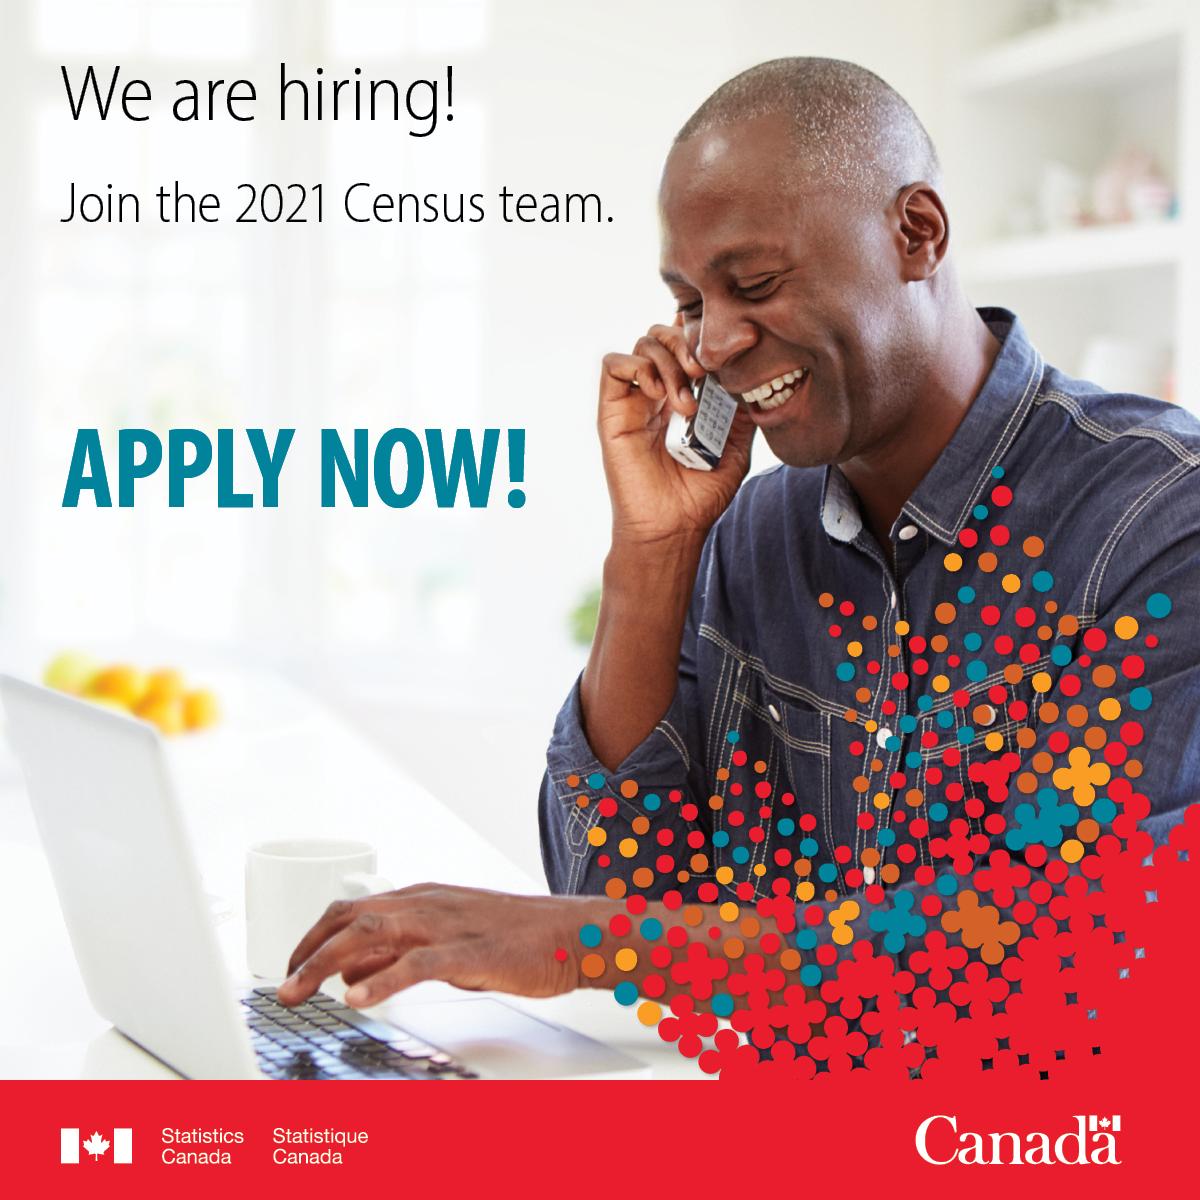 www.census.gc.ca/jobs.